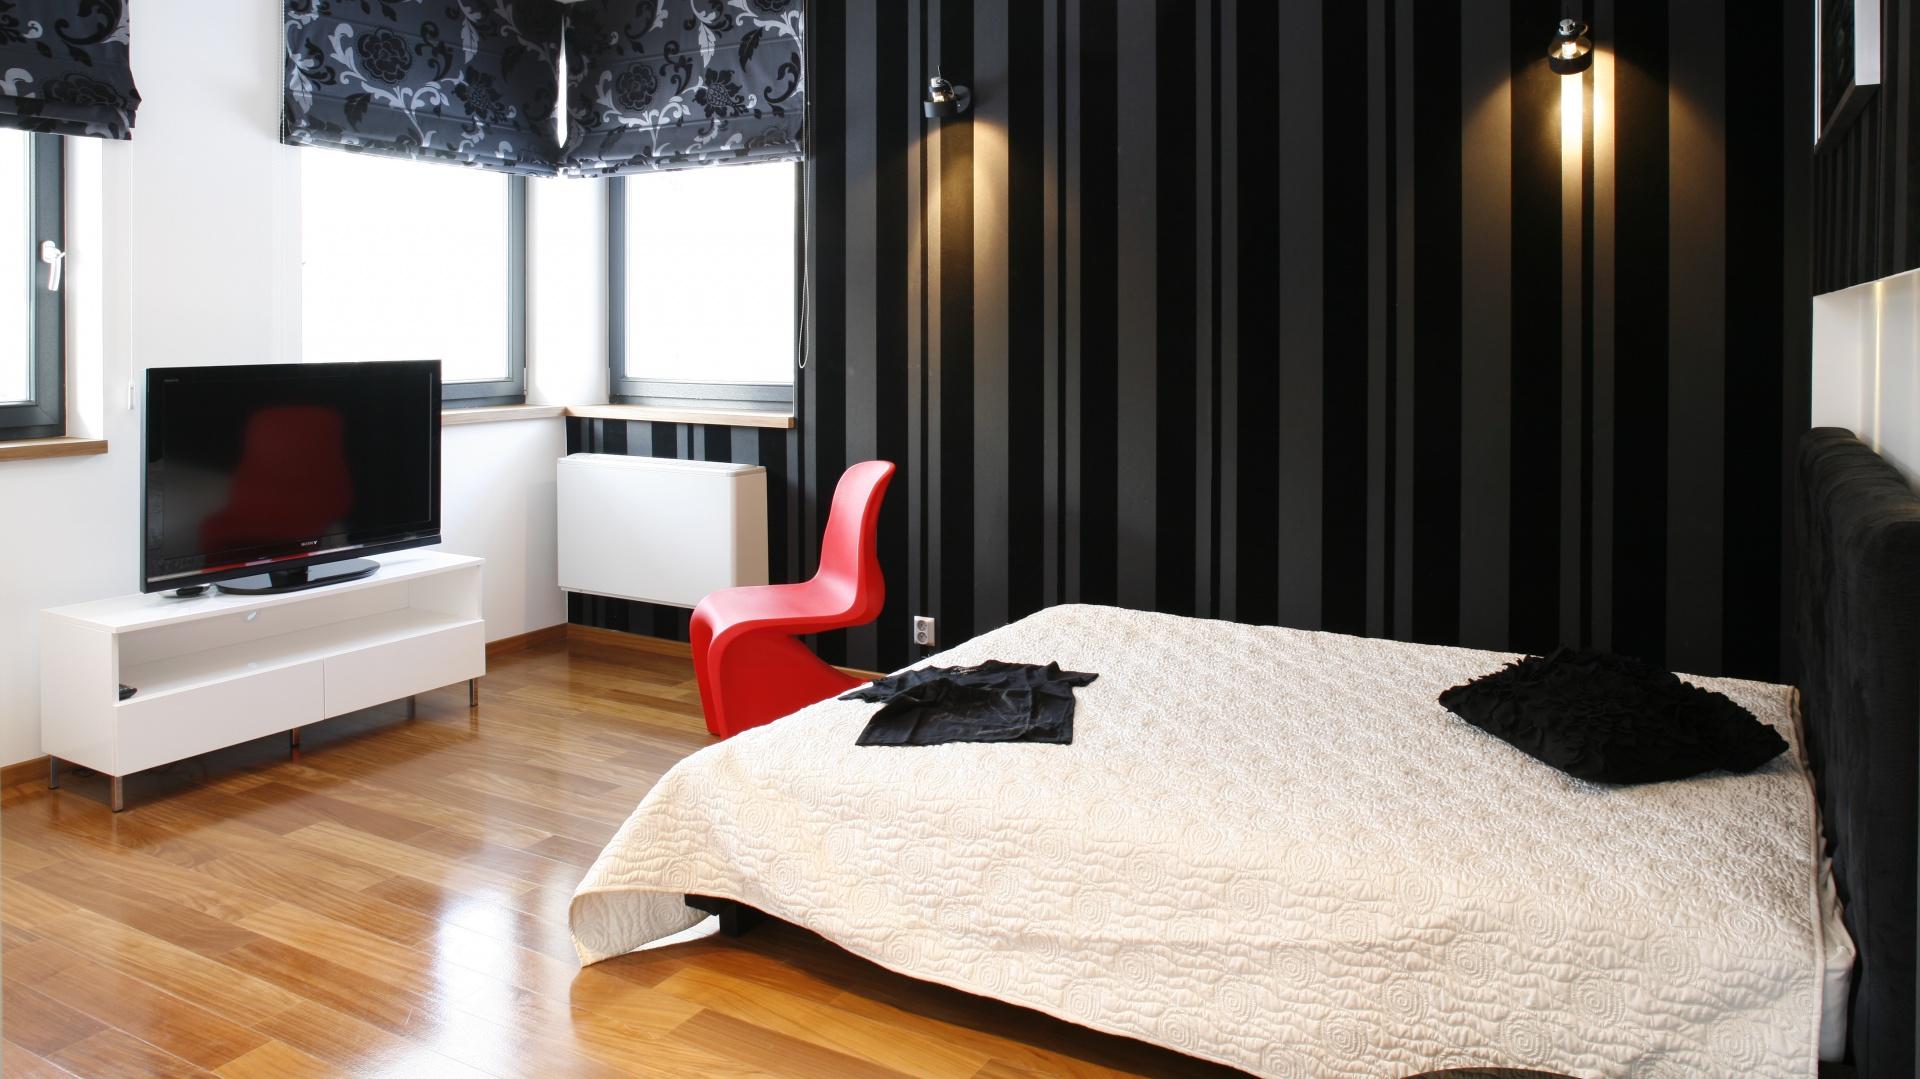 Sypialnia Idealna Tak Urządzisz Ją Z Architektem